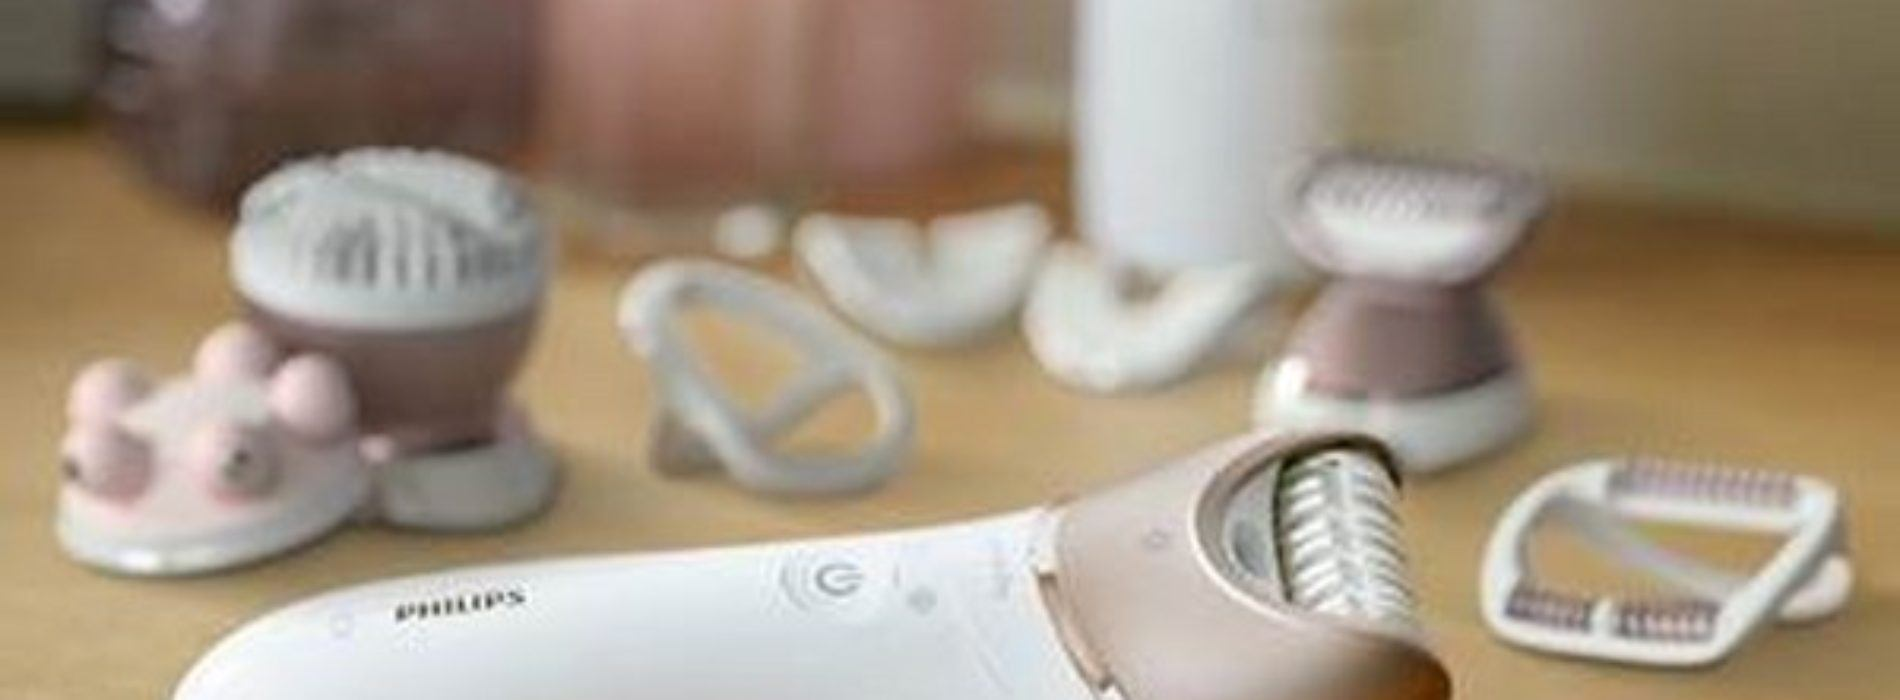 Philips Satinelle Prestige, la nueva depiladora para una piel más suave